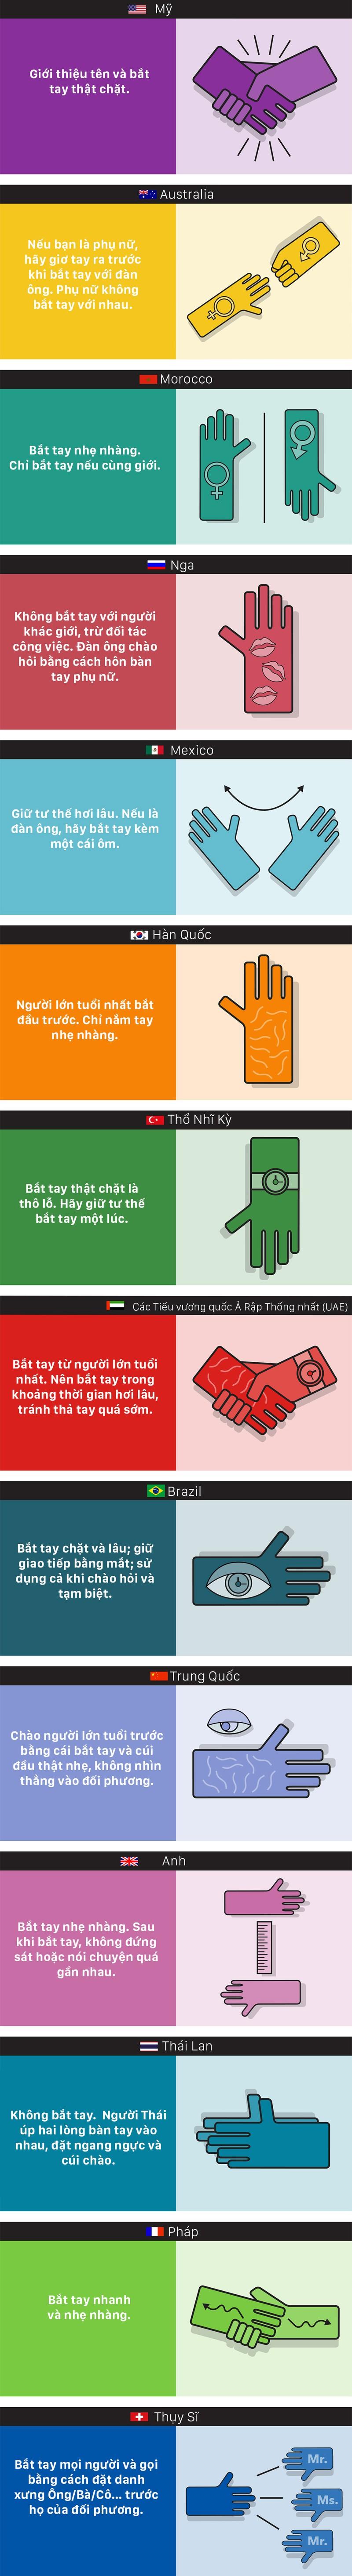 Sự khác nhau về cách bắt tay giữa các nước - ảnh 1